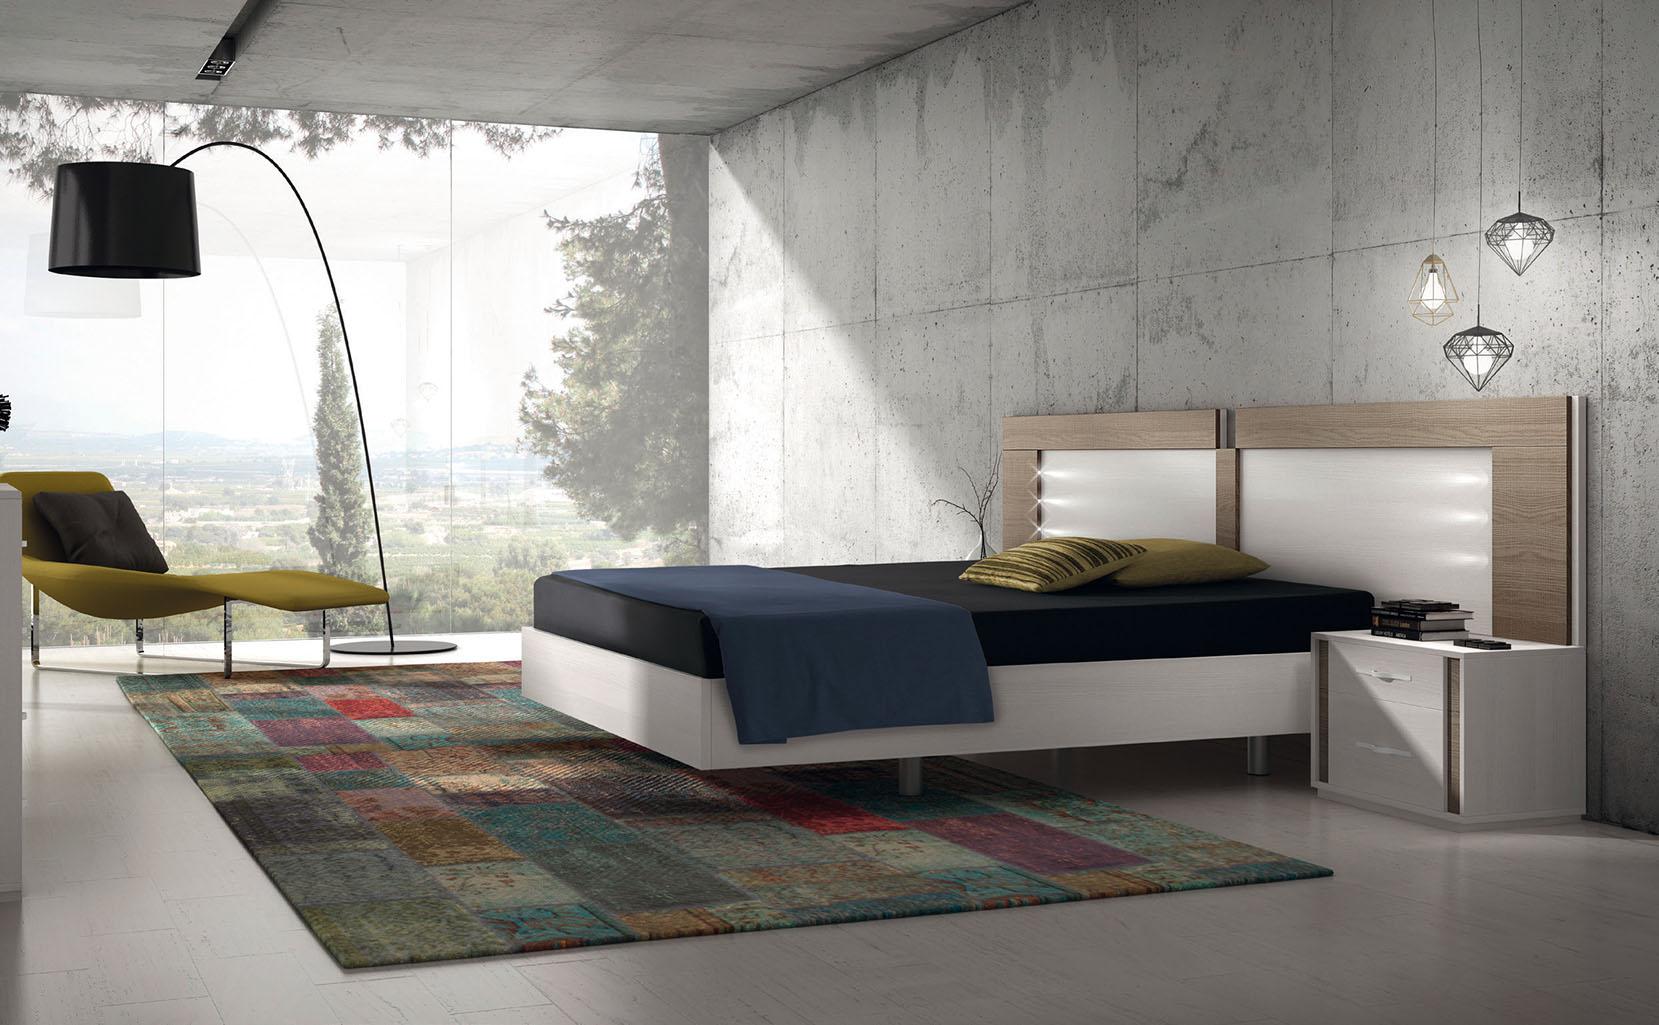 Dormitorios muebles casanova for Muebles casanova